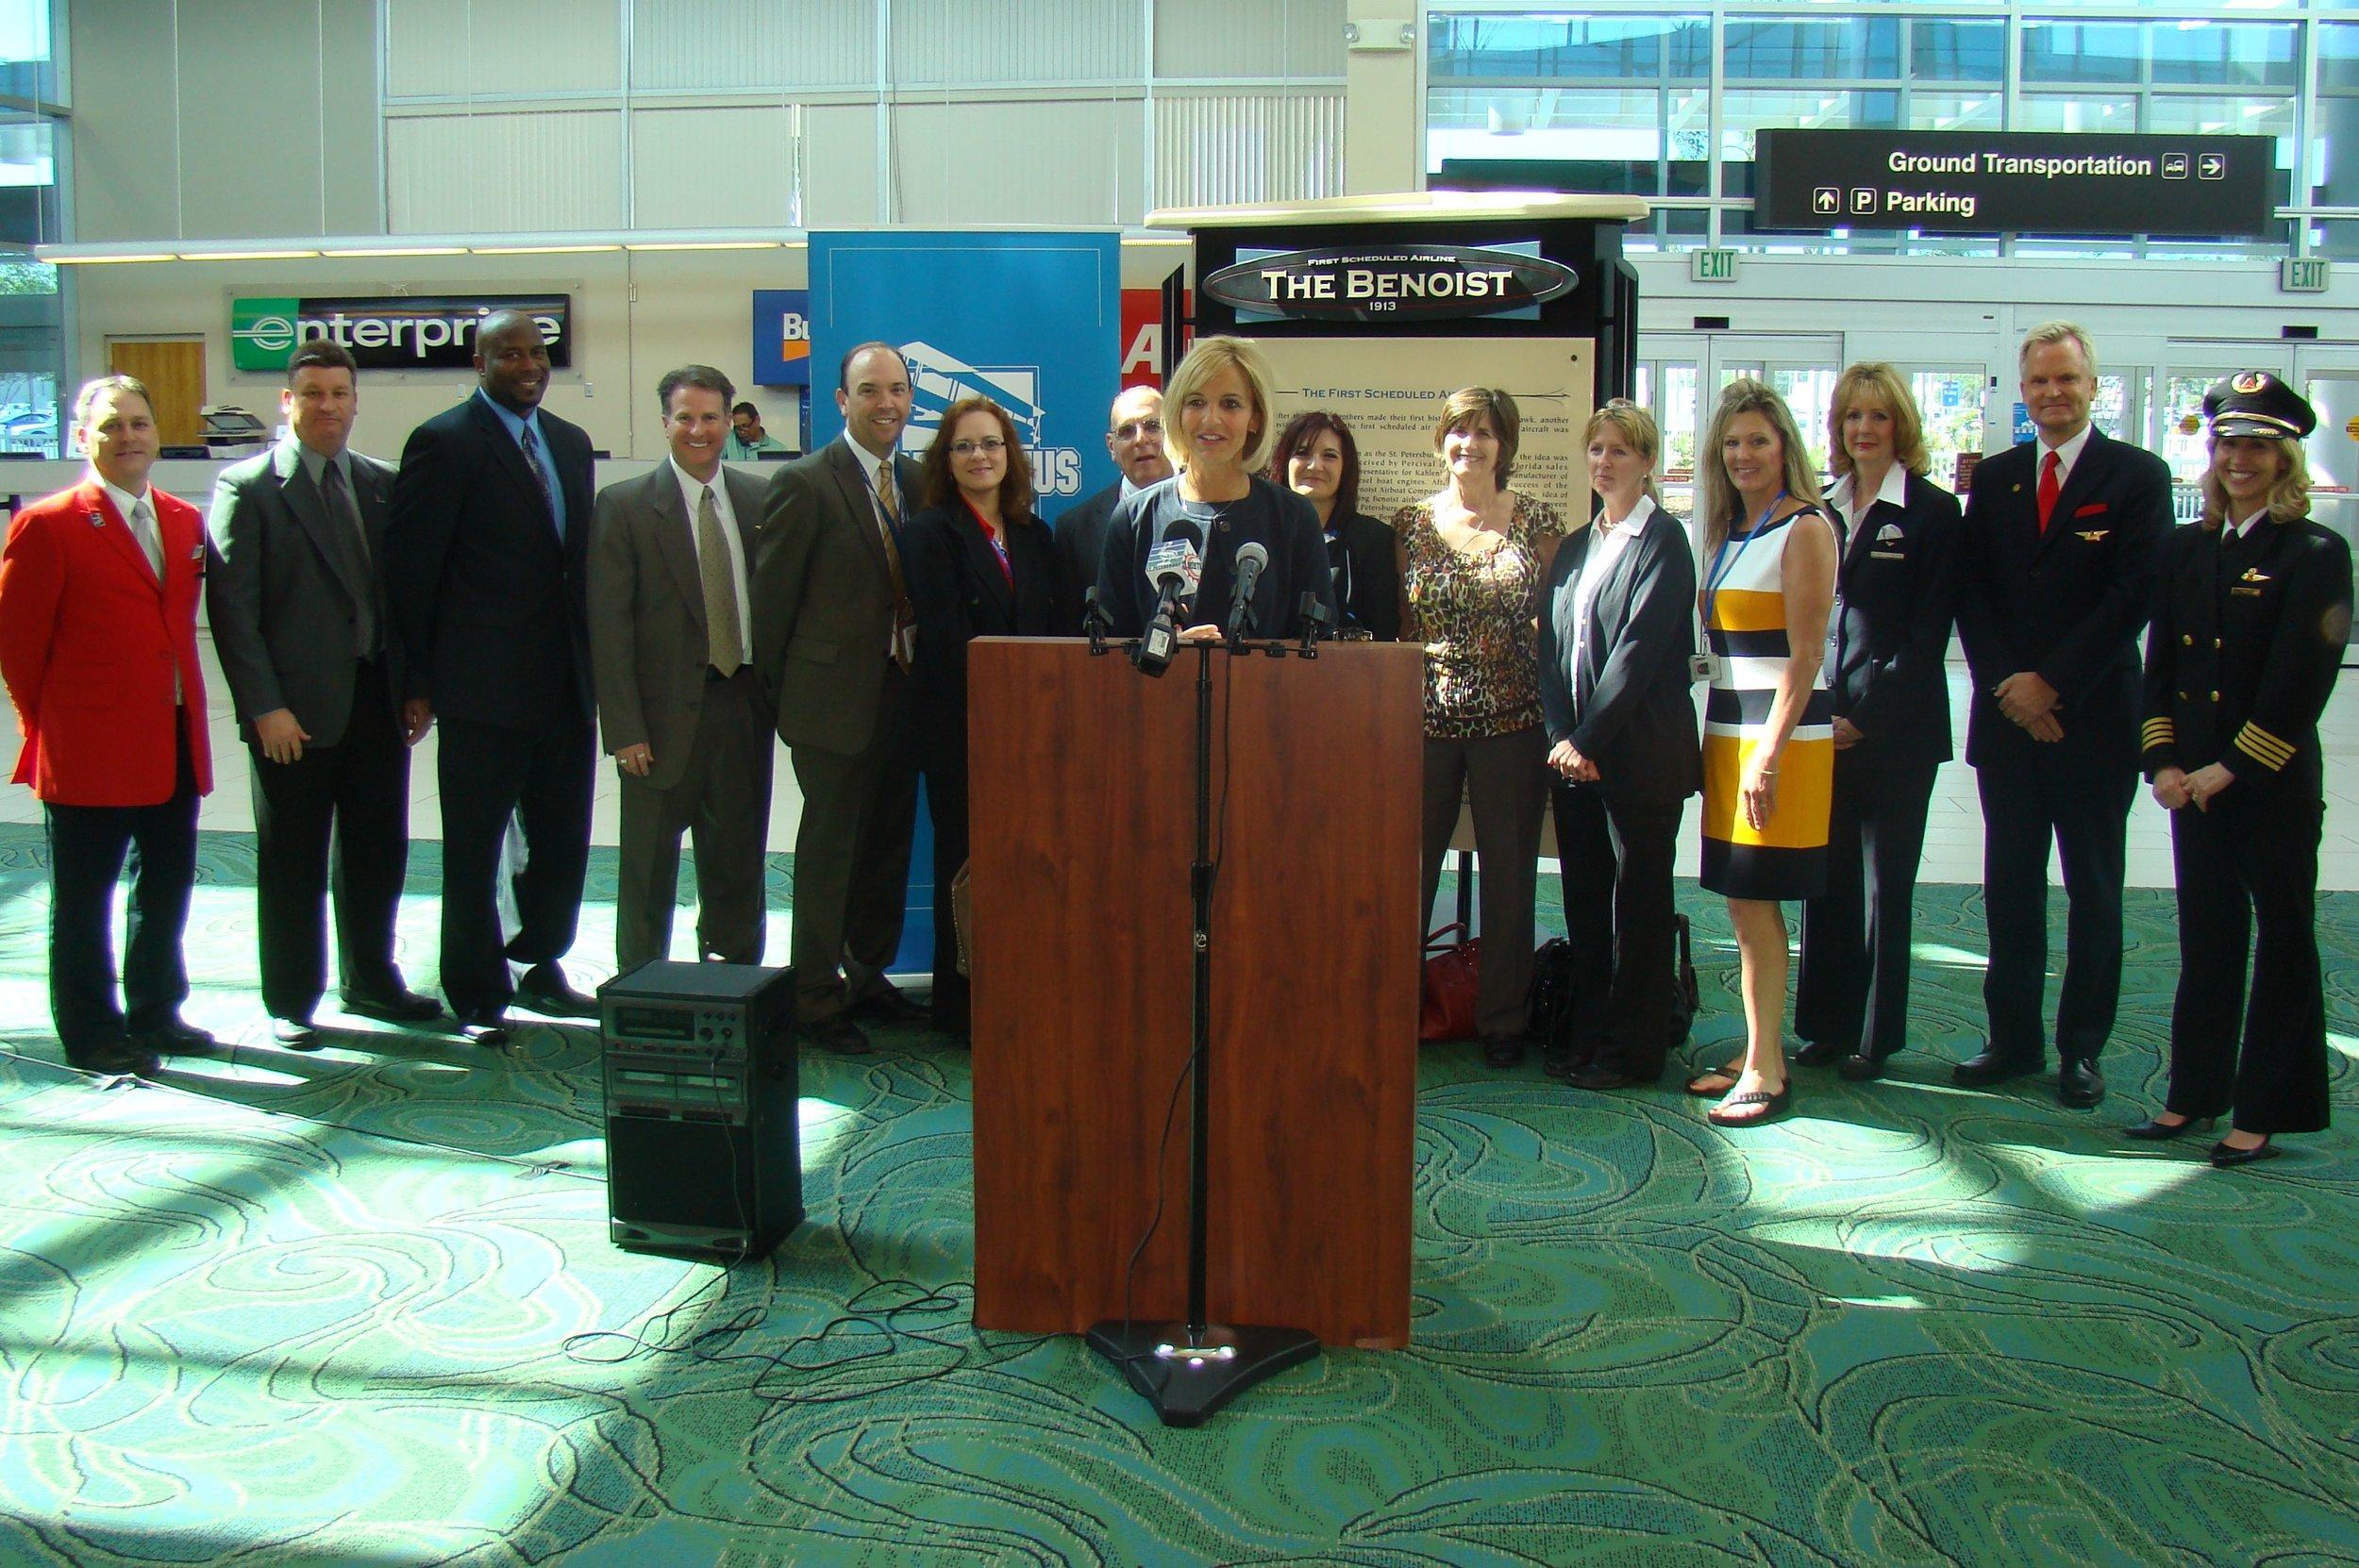 Allison Ausband & Delta Air Line Associates @ PIE Press Conference - 2, 24 Apr '13.JPG